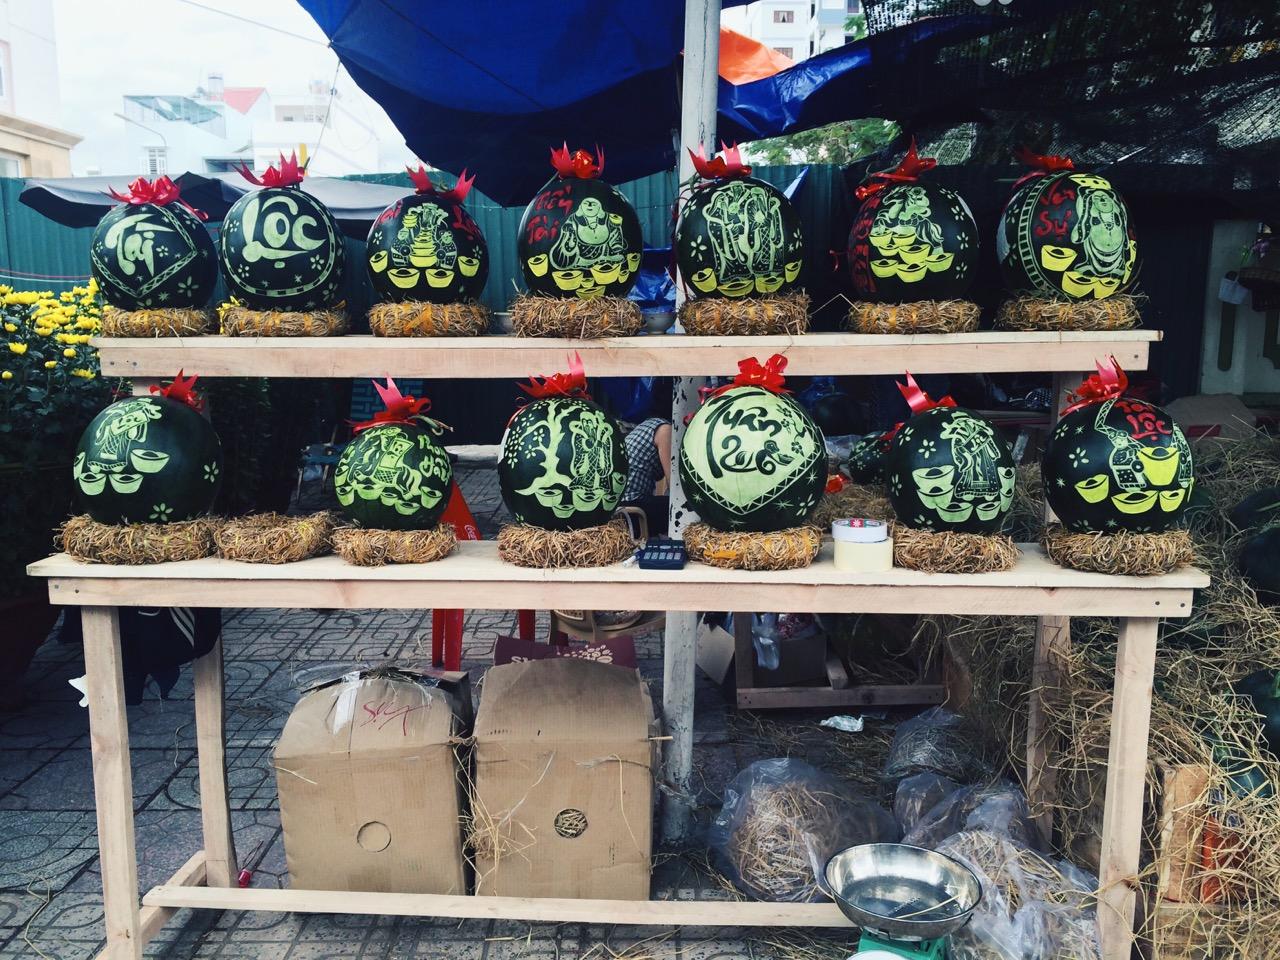 Вьетнамский Новый год: Арбузы с фигурной резьбой по кожуре на новогоднем базаре